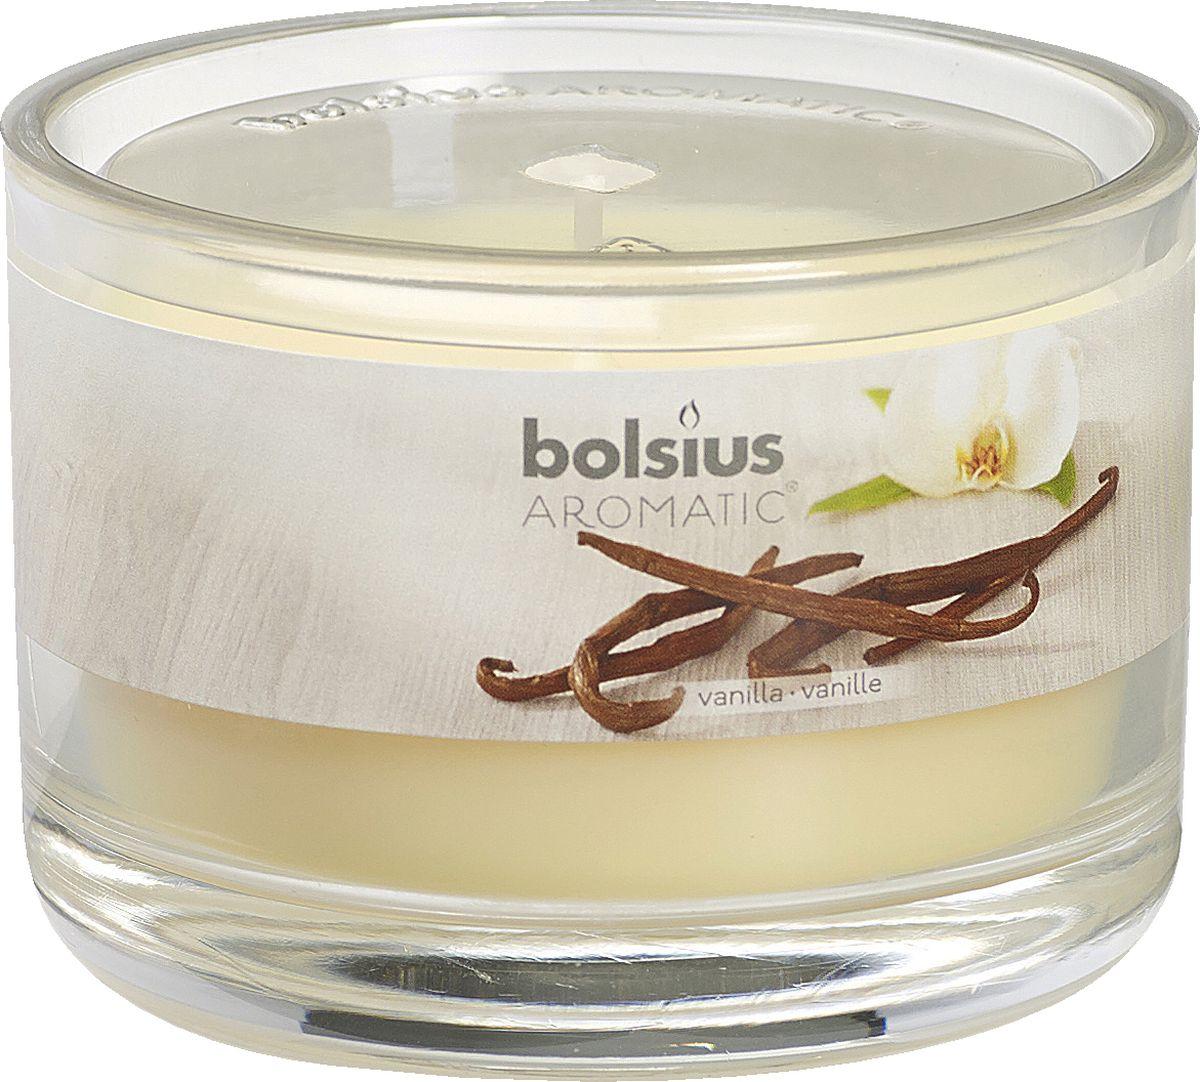 """Ароматизированная свеча """"Bolsius"""", изготовленная из парафина, помещена в подсвечник, выполненный из стекла. Изделие отличается оригинальным дизайном и приятным ароматом. Такая свеча не только поможет дополнить интерьер вашей комнаты, но и станет отличным подарком."""